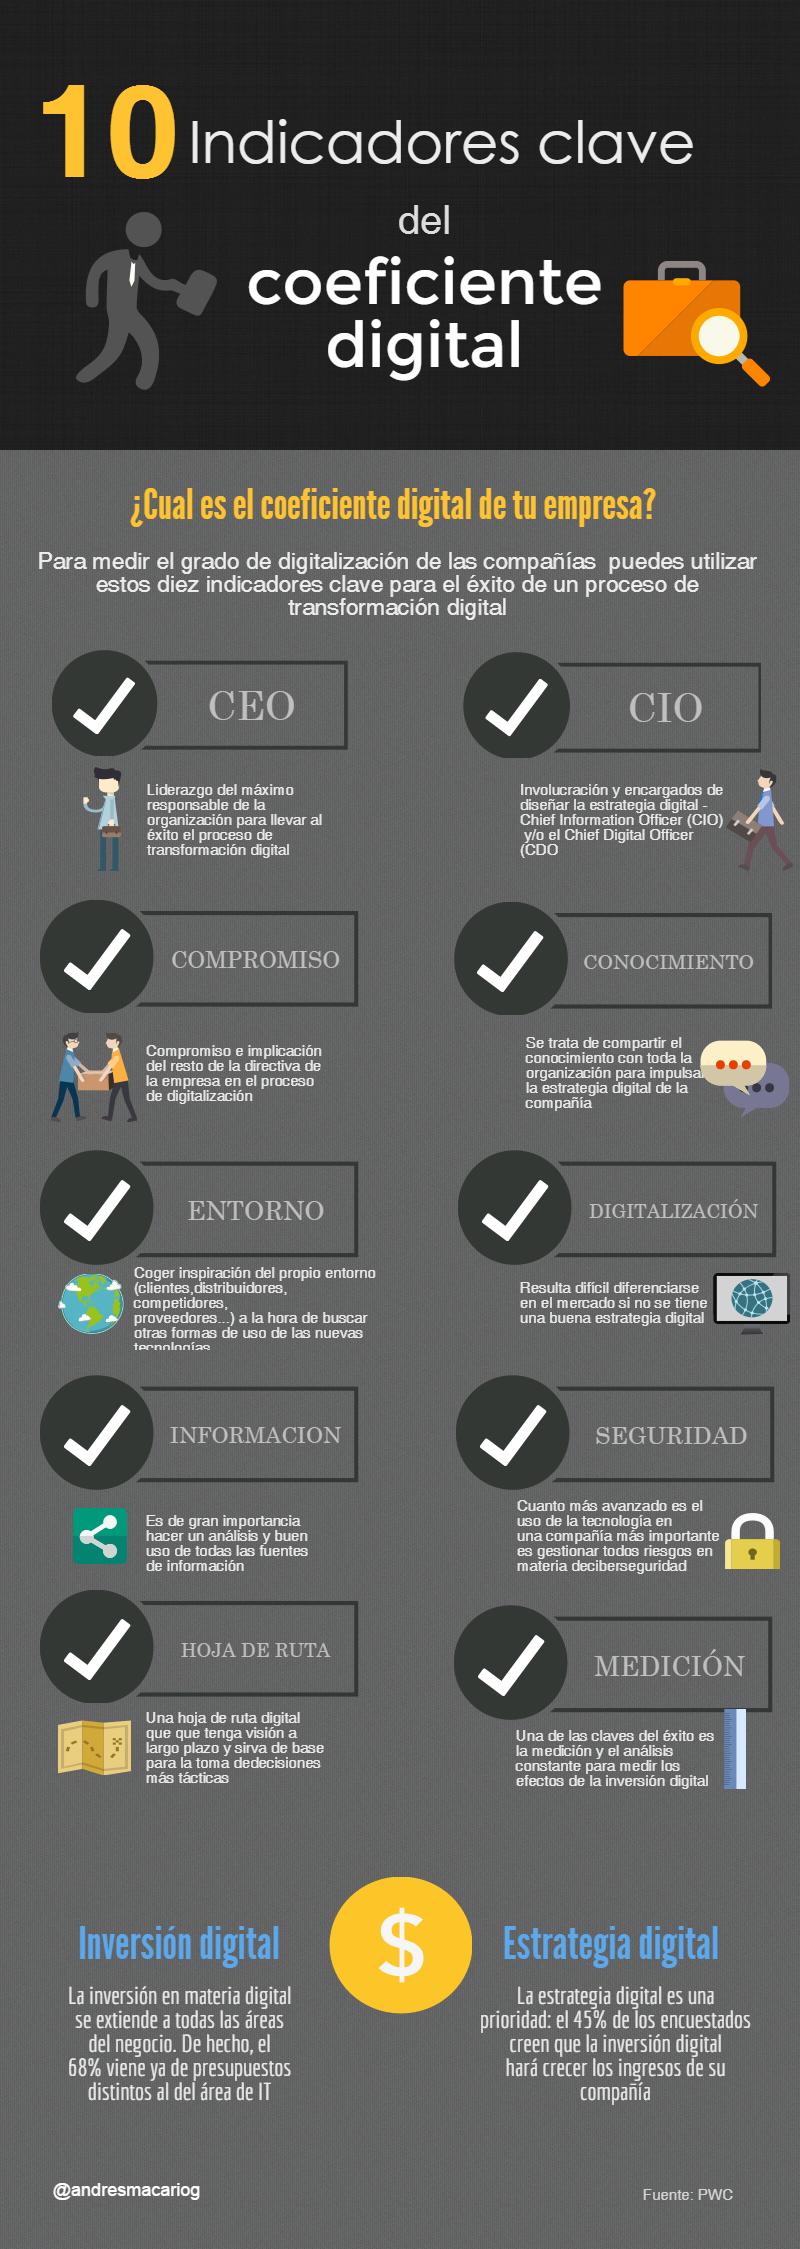 10 indicadores clave del coeficiente digital #infografia #infographic